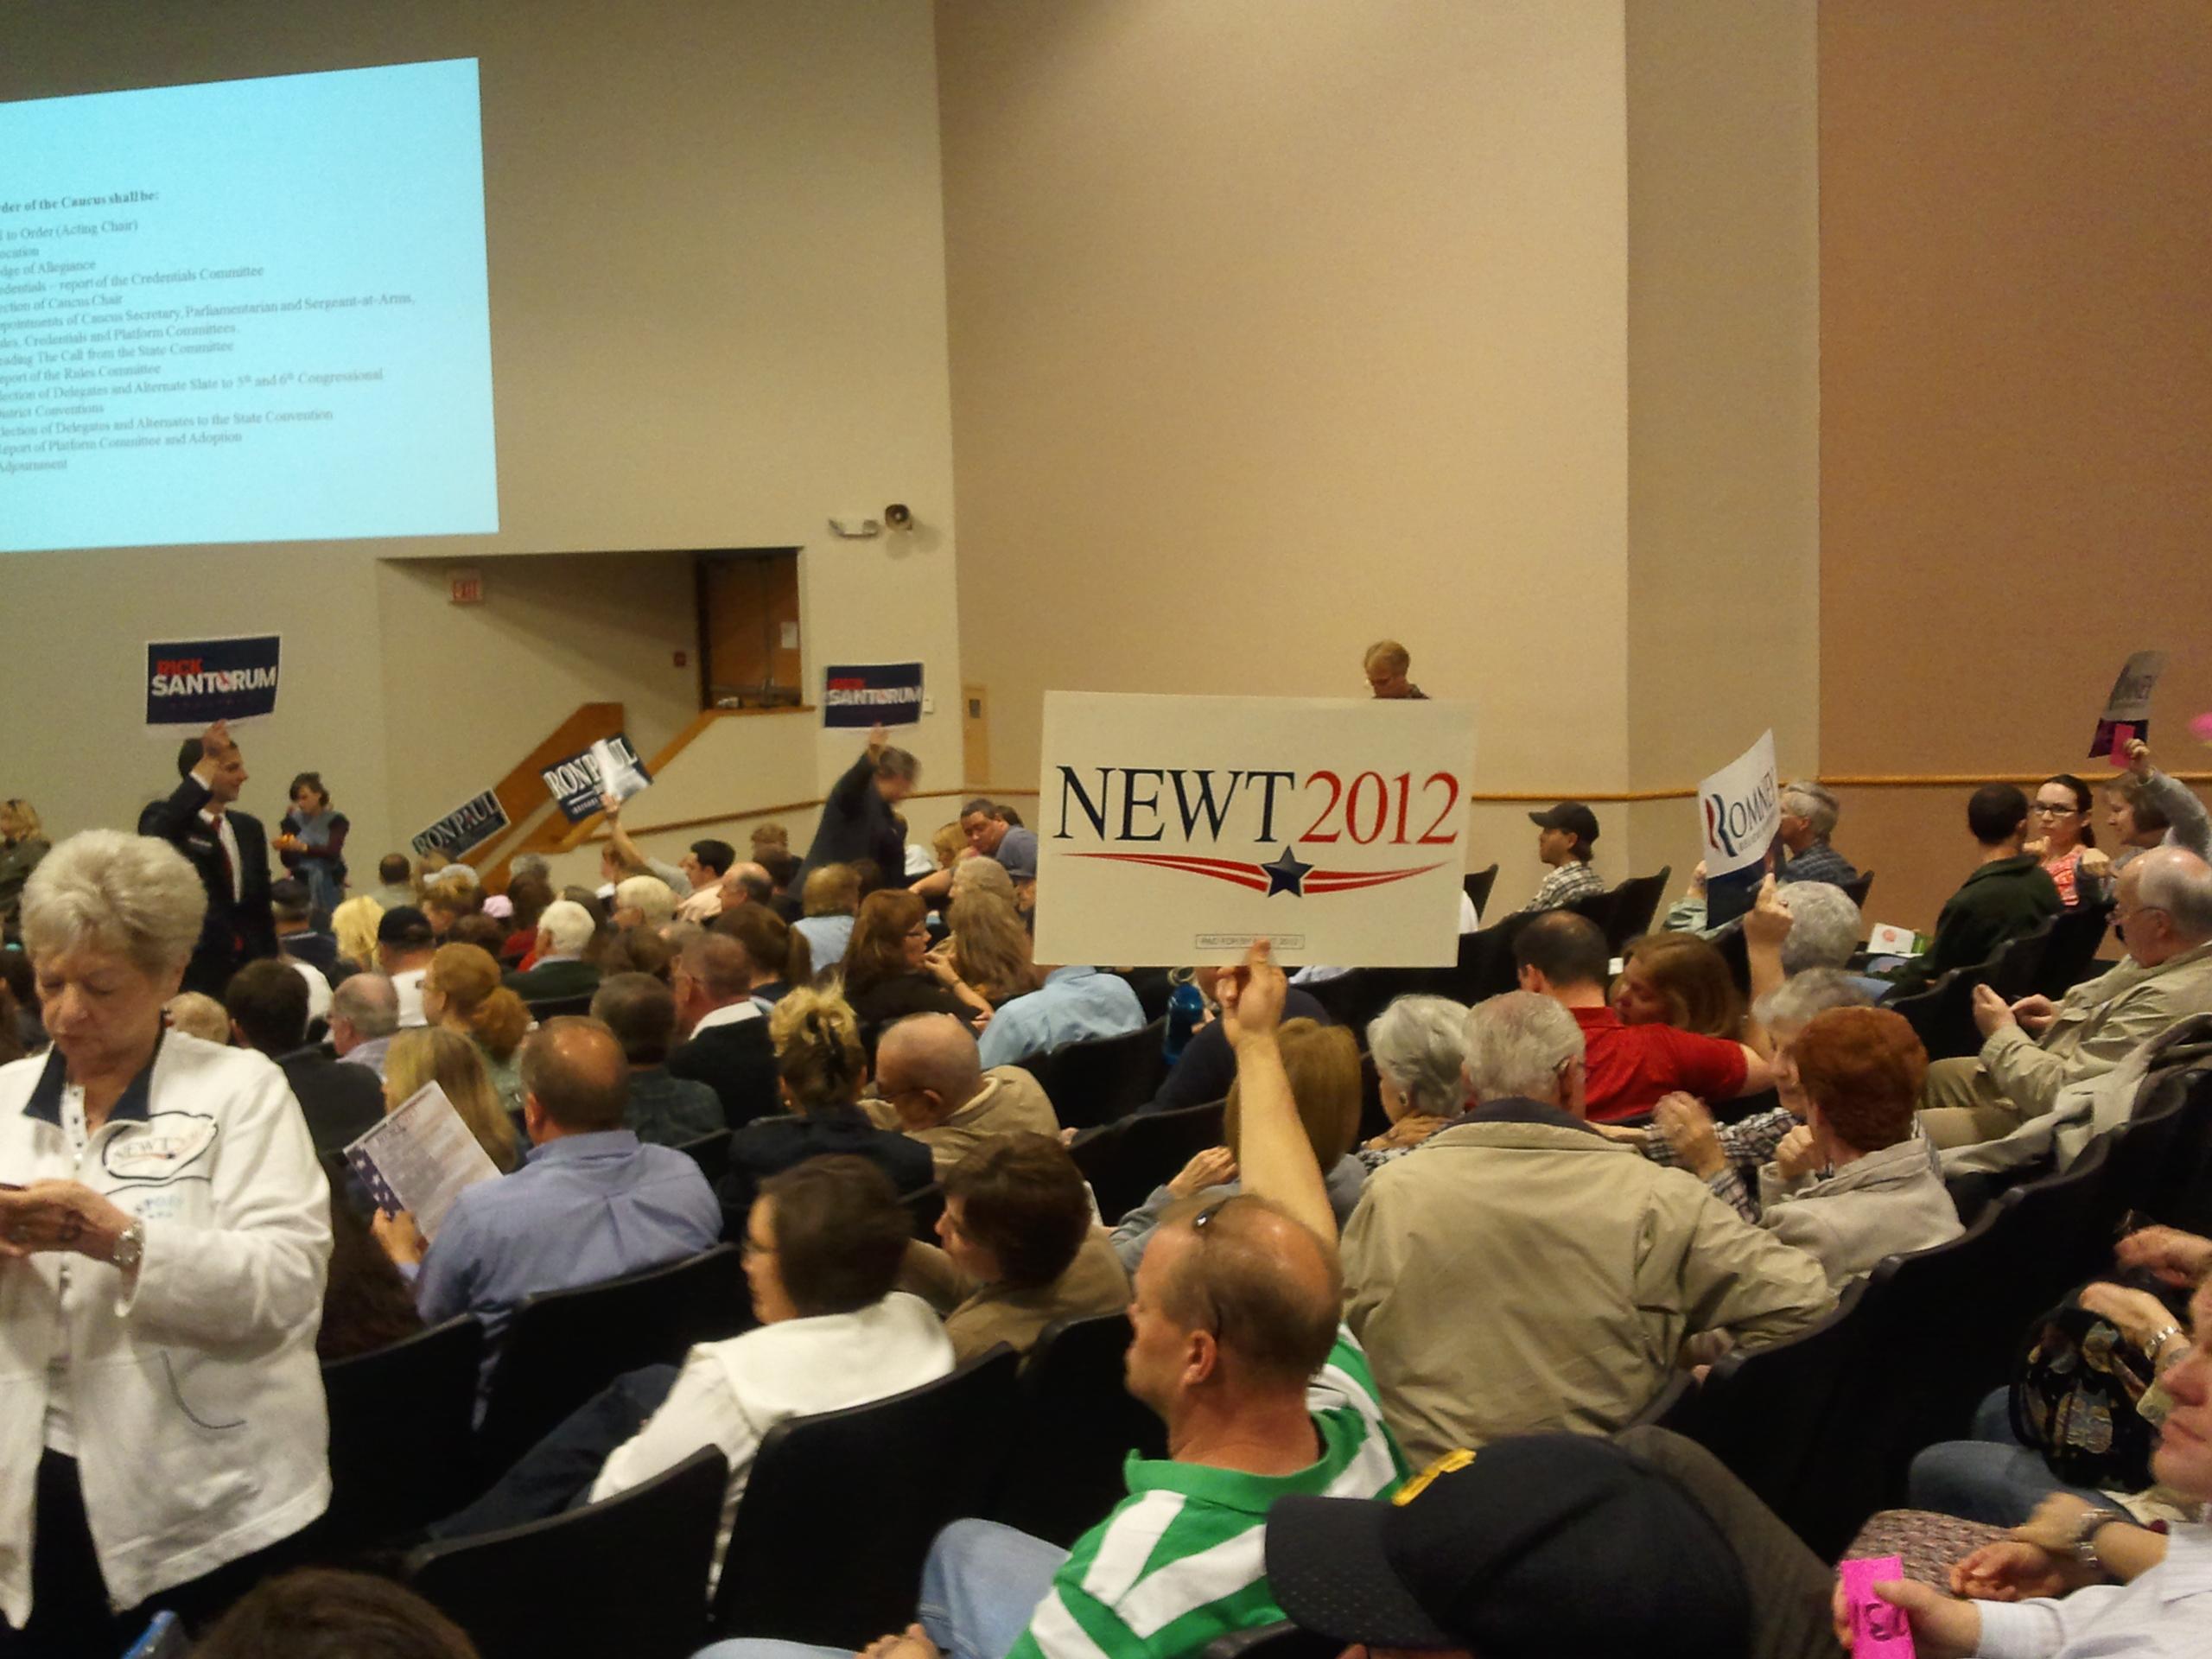 Picture of Newt Sign in the Caucus Auditiorium